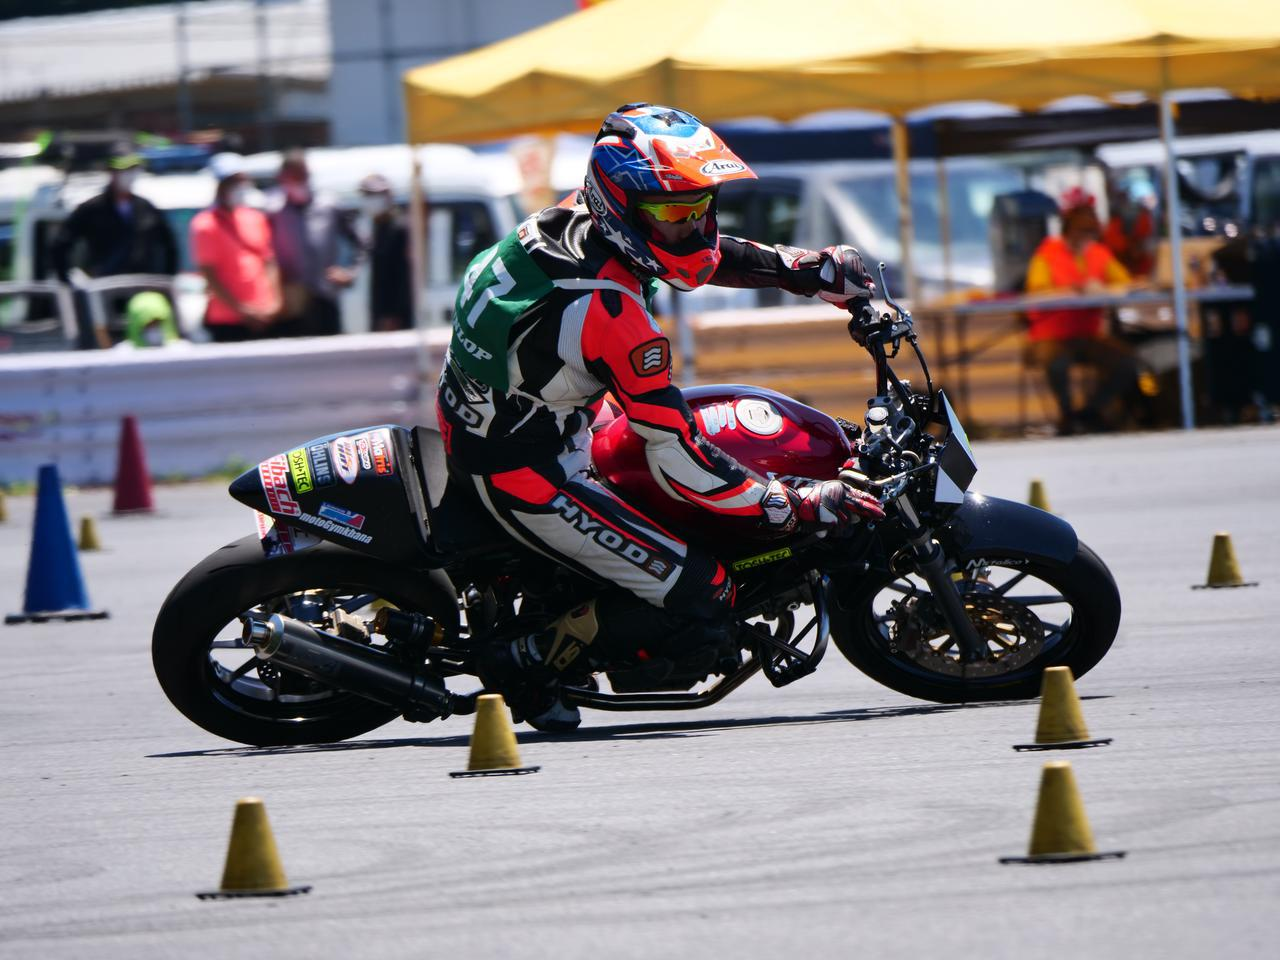 画像1: 【オートバイ杯ジムカーナ】各クラスのウイナー&入賞者たち(NL・NO・C2・C1級編)【第2戦・フォトレポート】 - webオートバイ